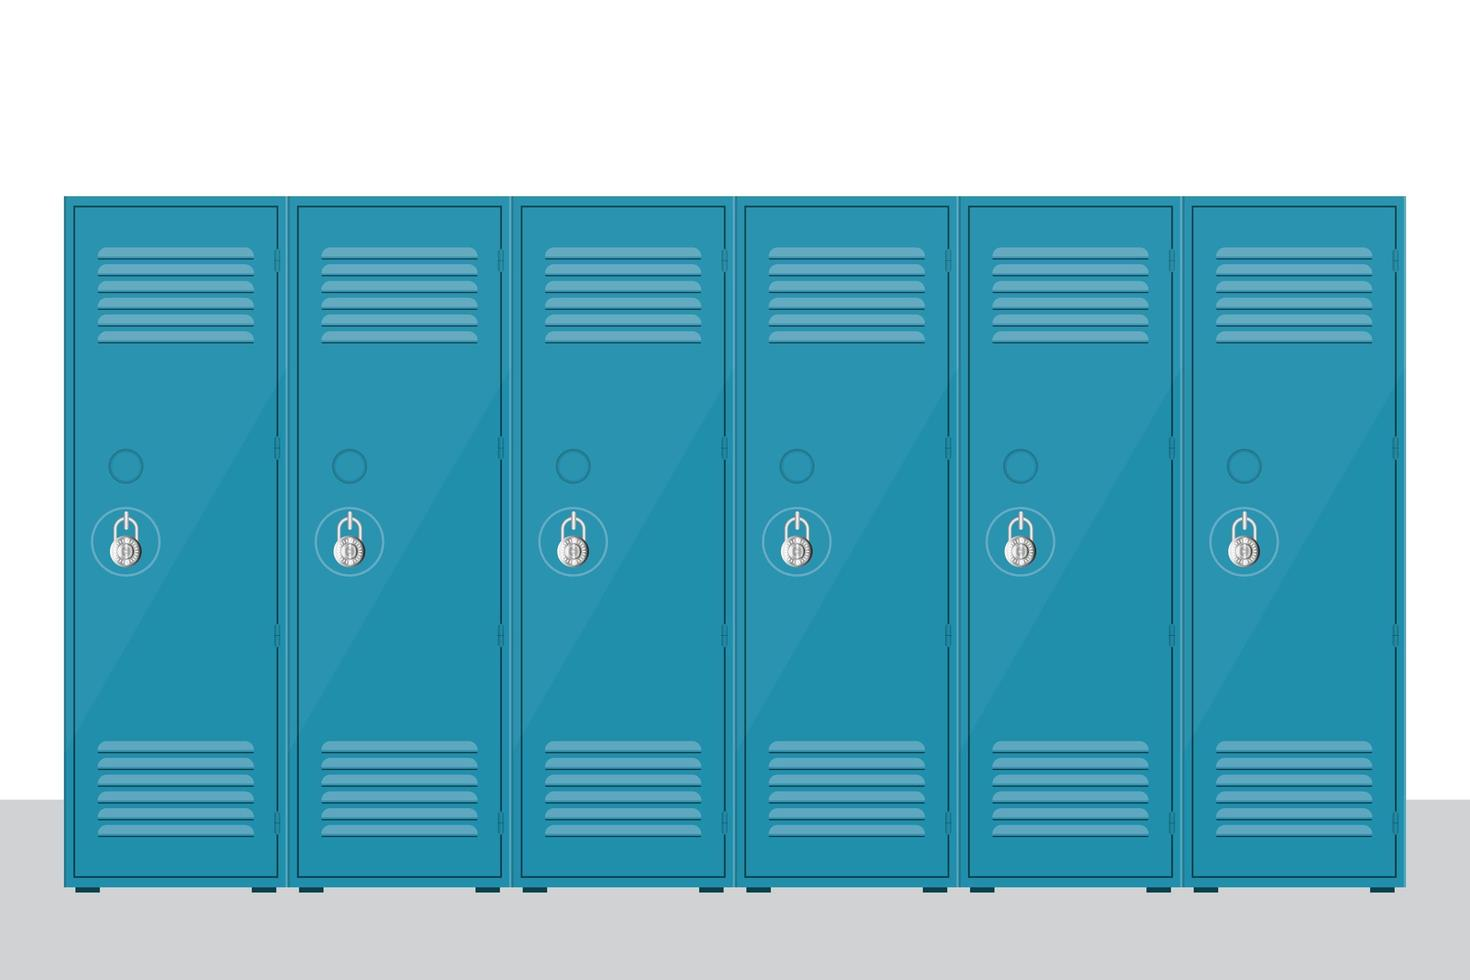 raccolta di armadietto scuola di metallo isolato vettore